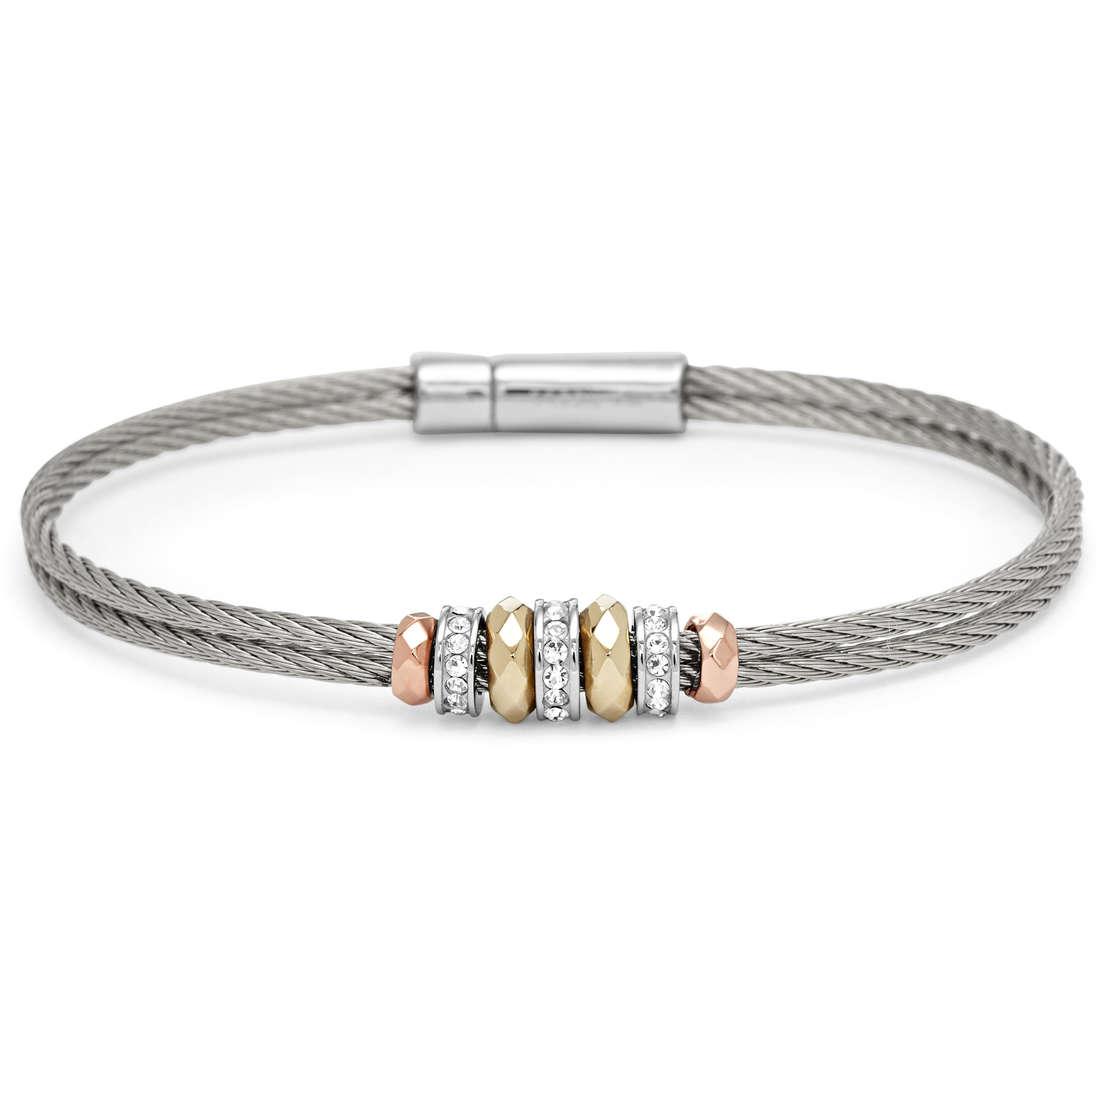 bracelet woman jewellery Fossil JF00989998